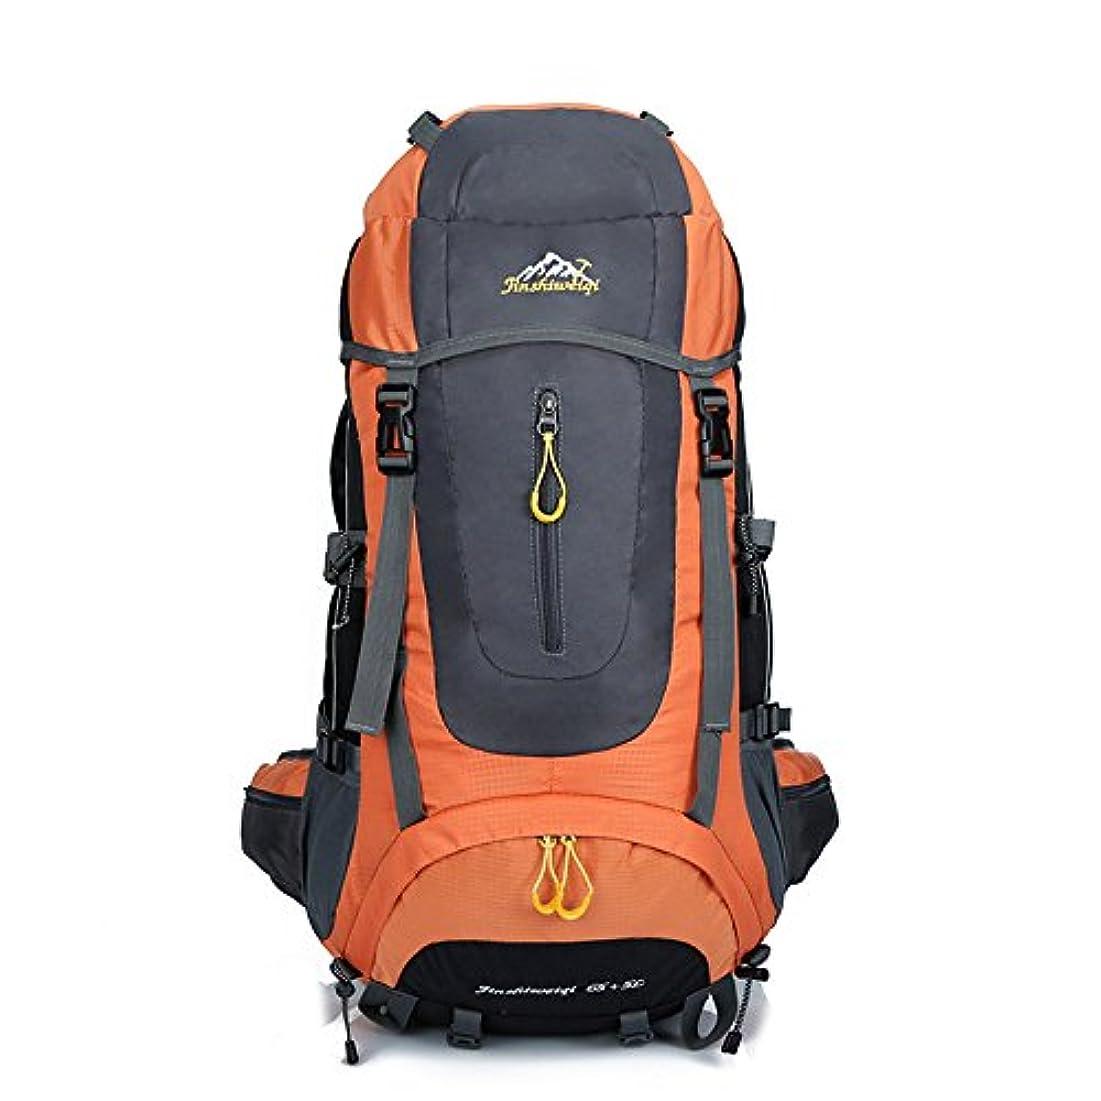 むしゃむしゃ濃度電化するLIXADA バックパック リュックサック サイクリング 70L 収納性抜群 多機能 大容量 防水 アウトドア 登山 ハイキングバッグ 旅行用 男女兼用